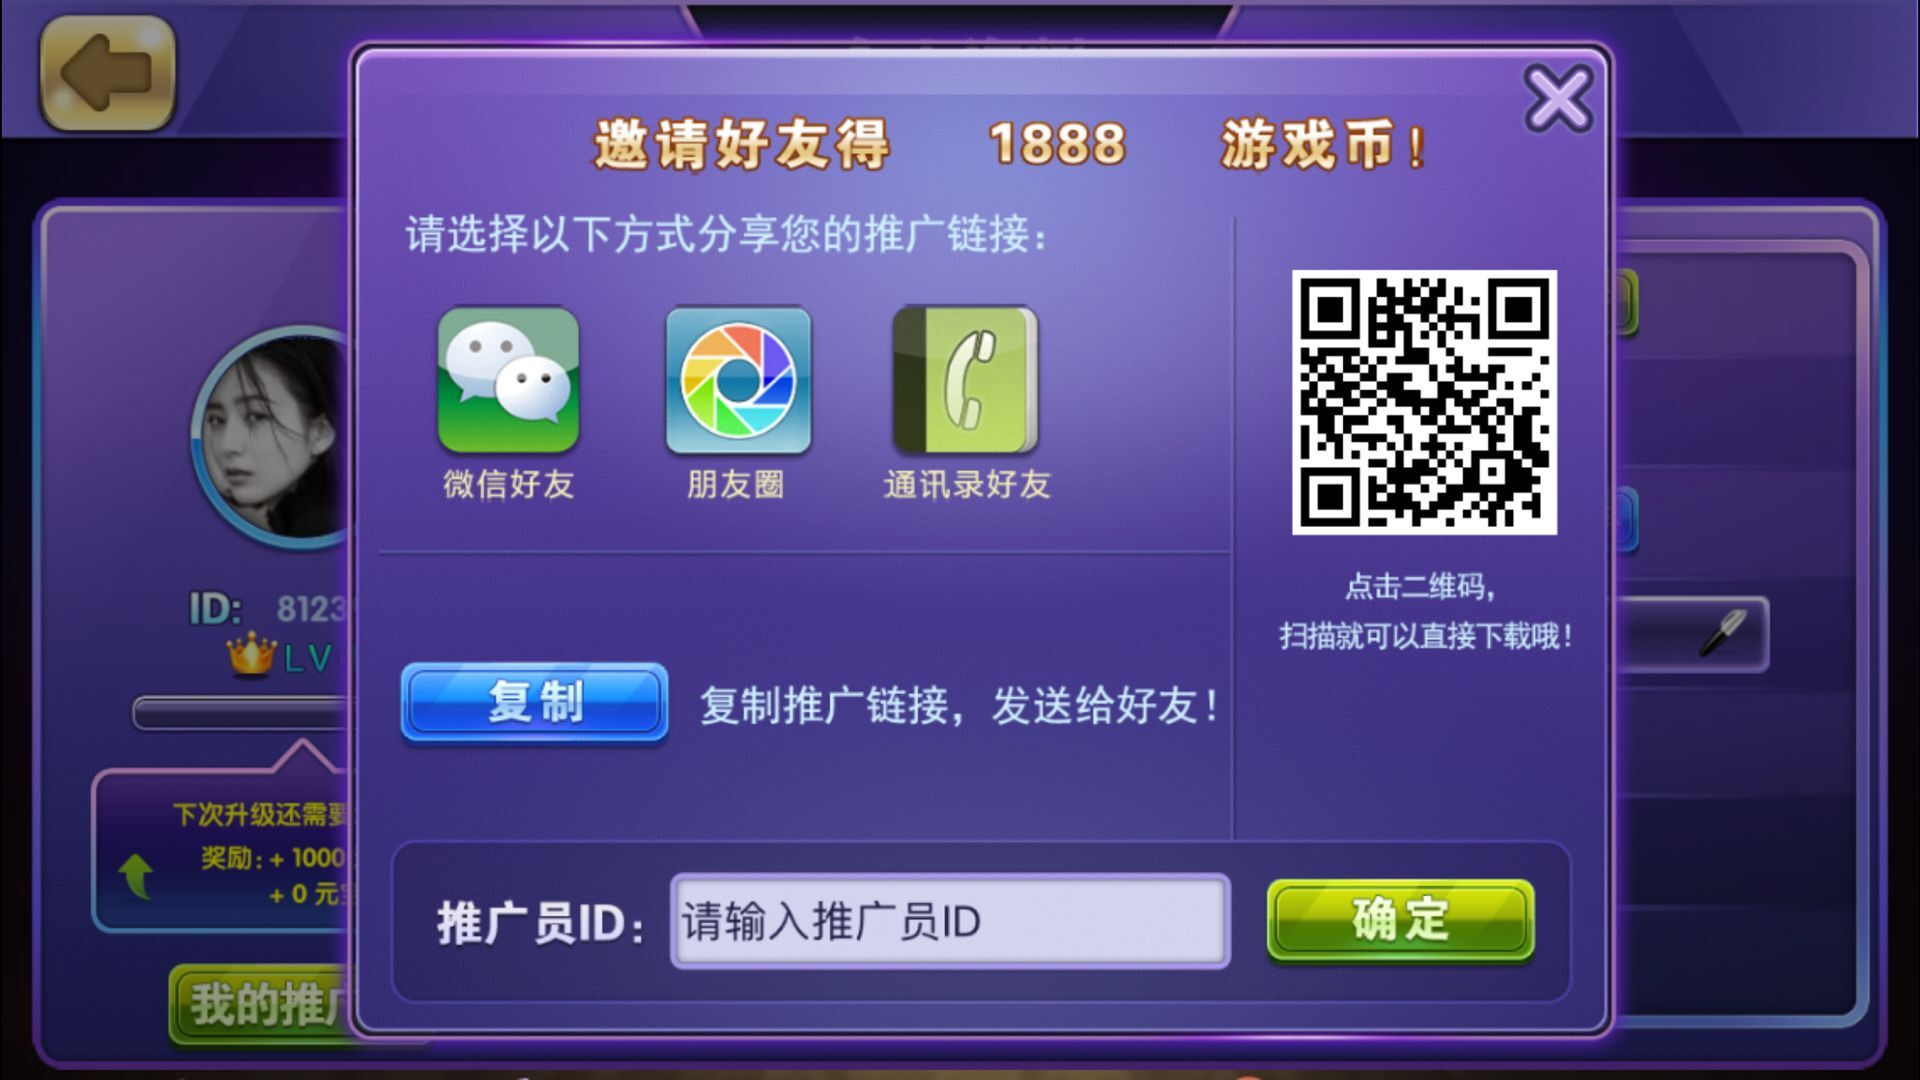 喜欢捕鱼网狐荣耀二开电玩城棋牌游戏组件下载插图(8)